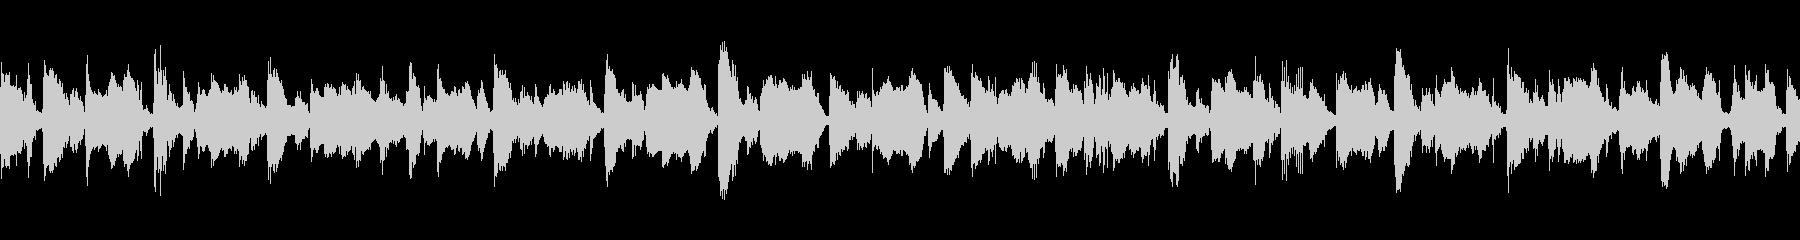 メロディックボサノバLOOPの未再生の波形